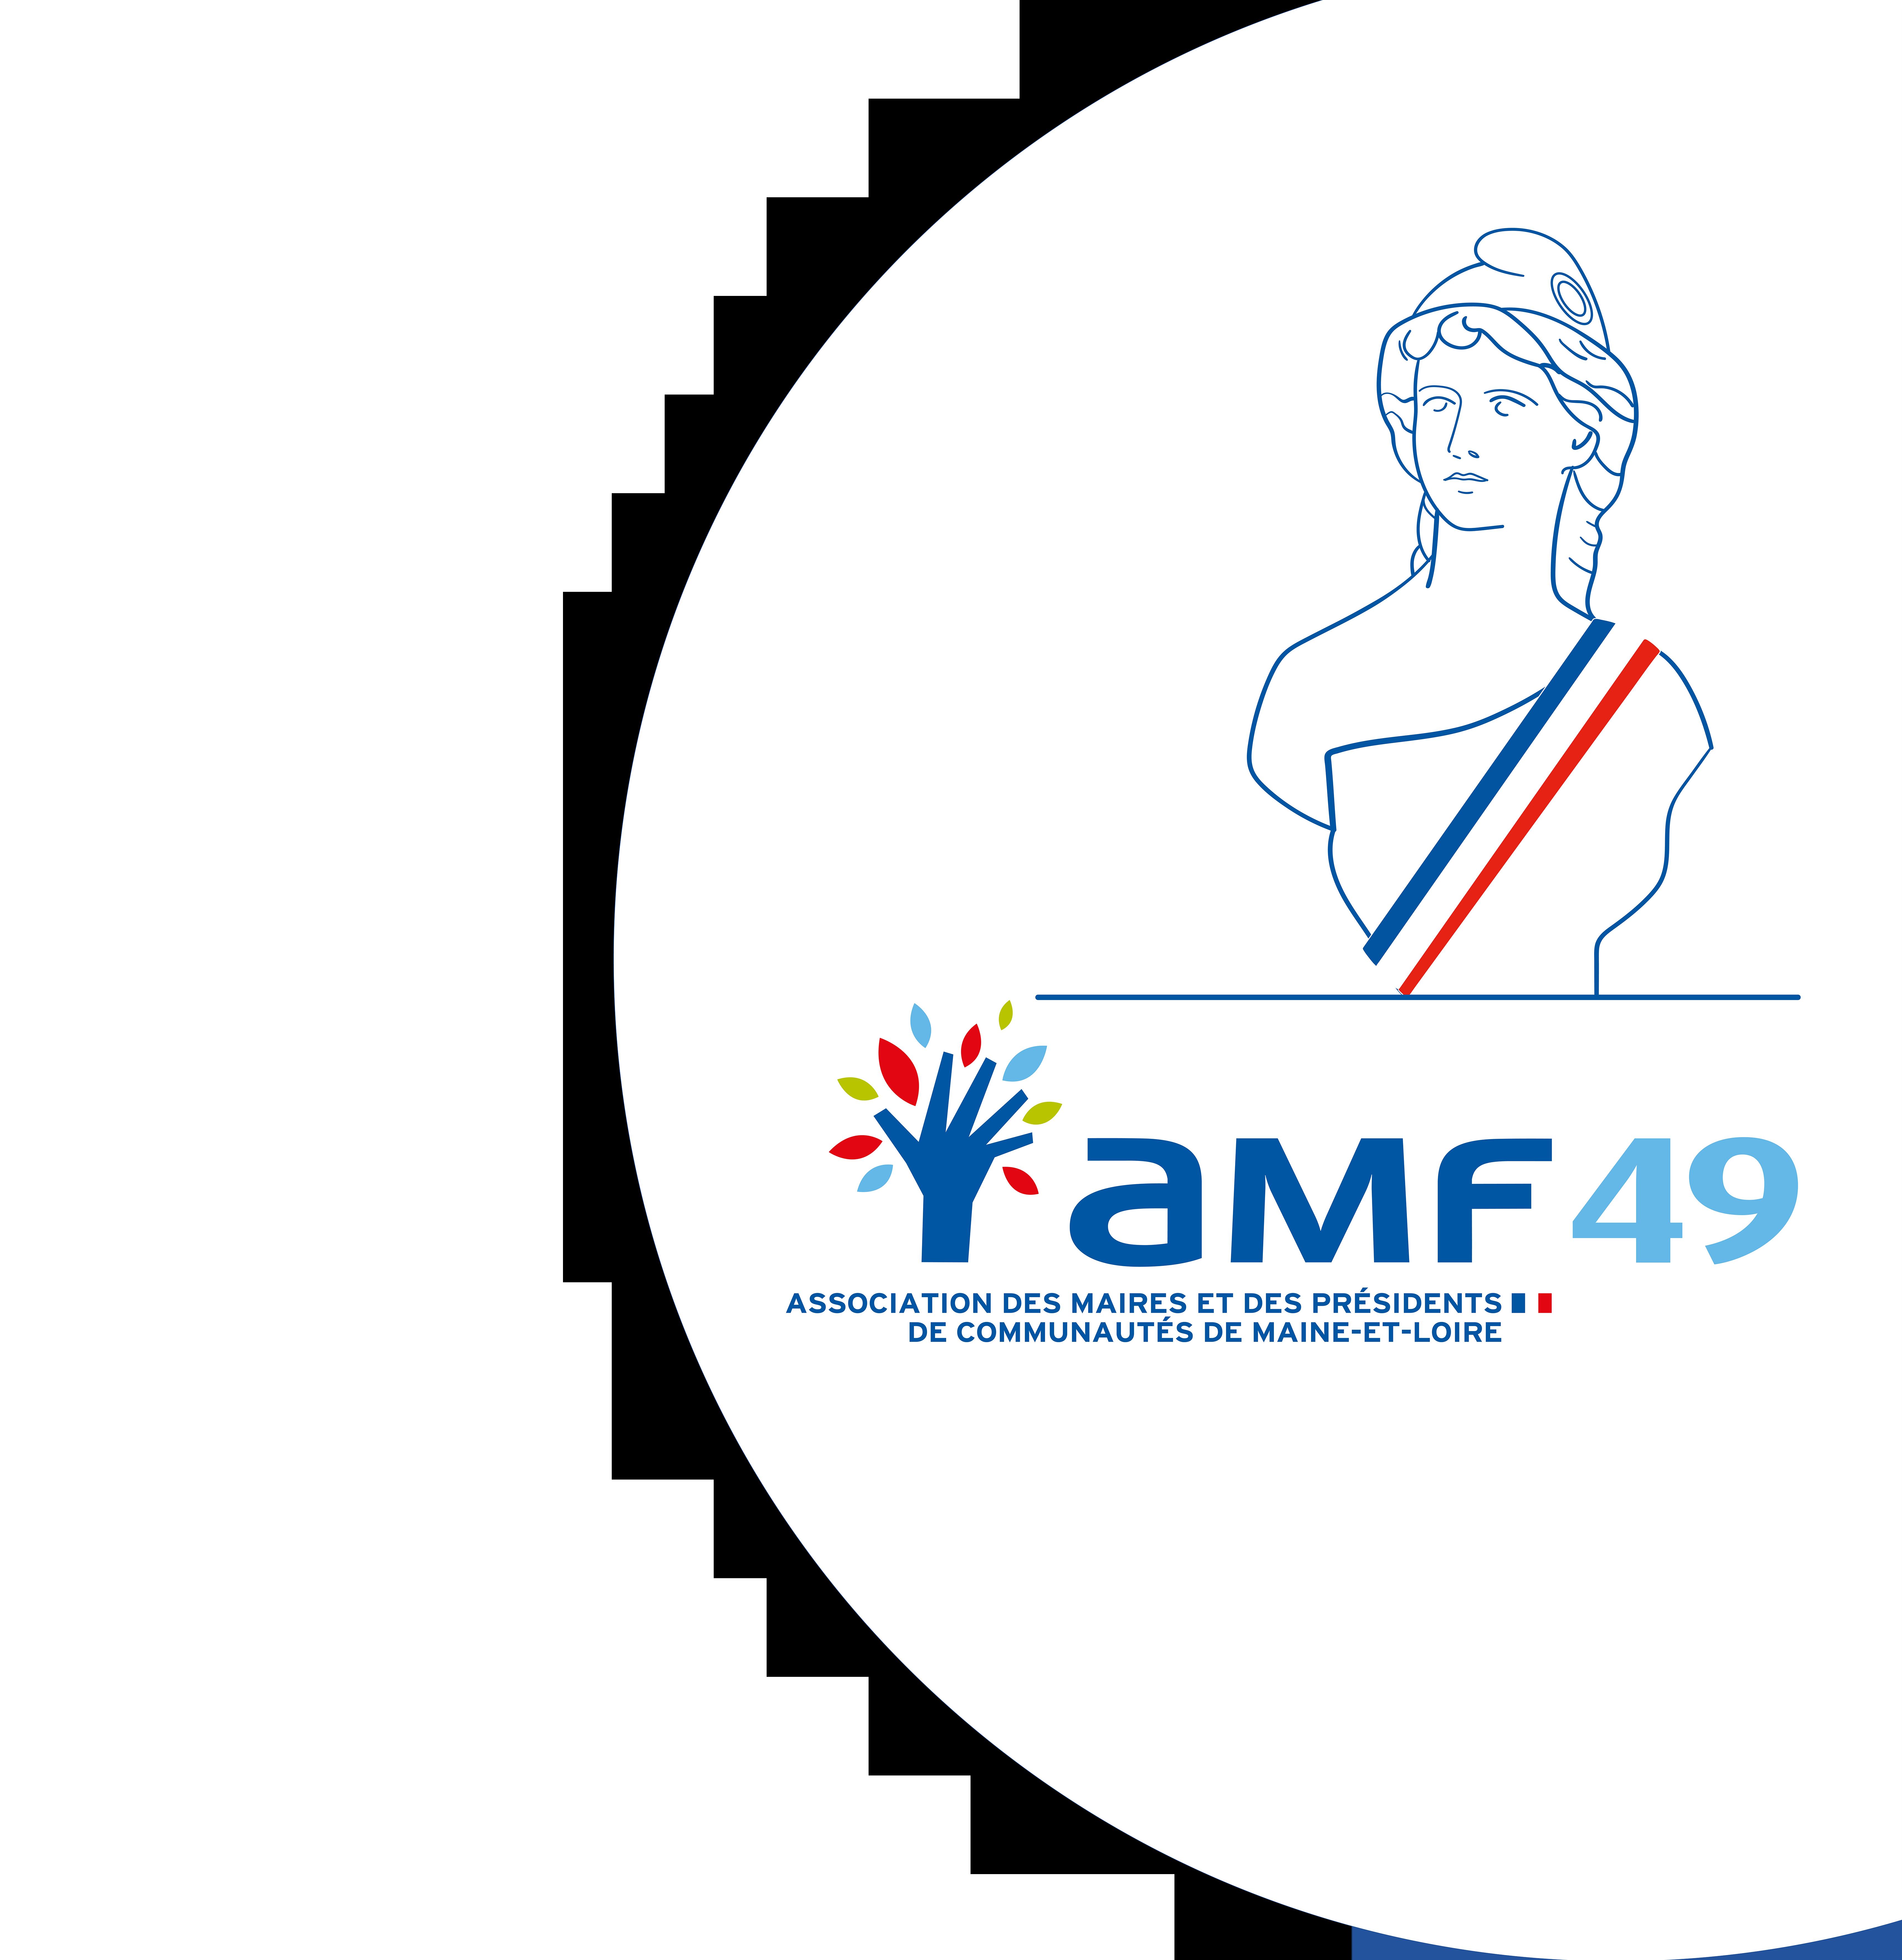 association des maires et présidents amf 49